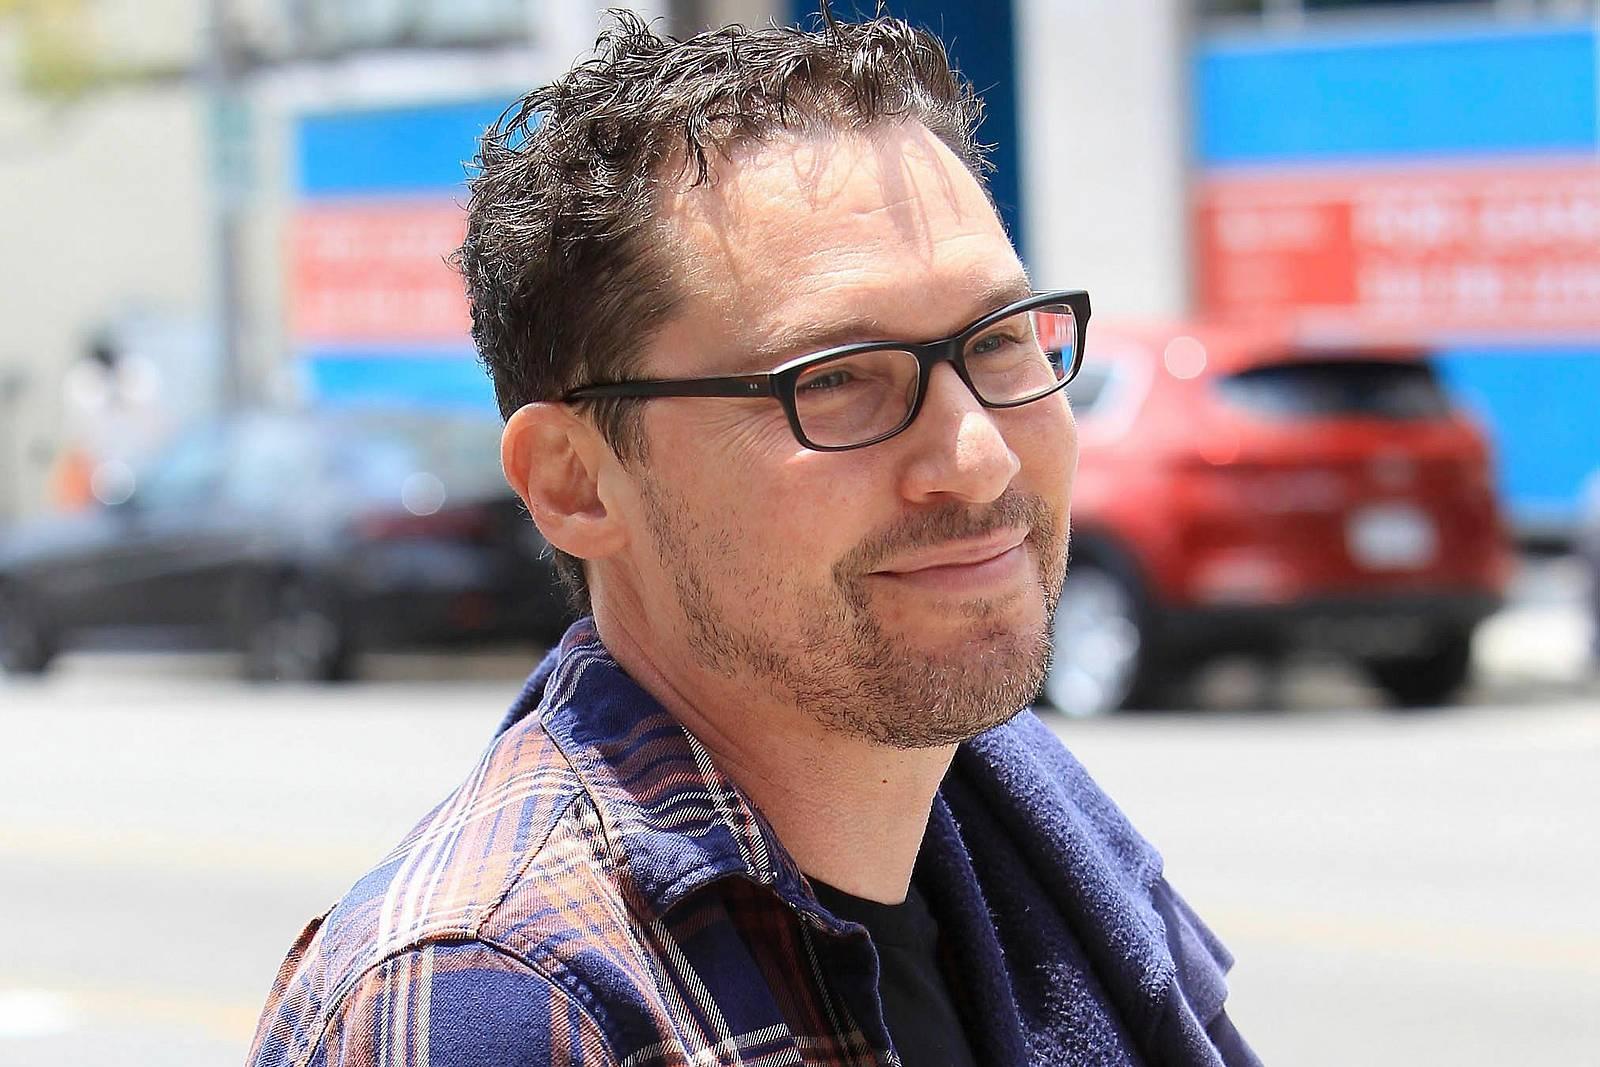 US-Regisseur Singer weist Missbrauchsvorwürfe zurück